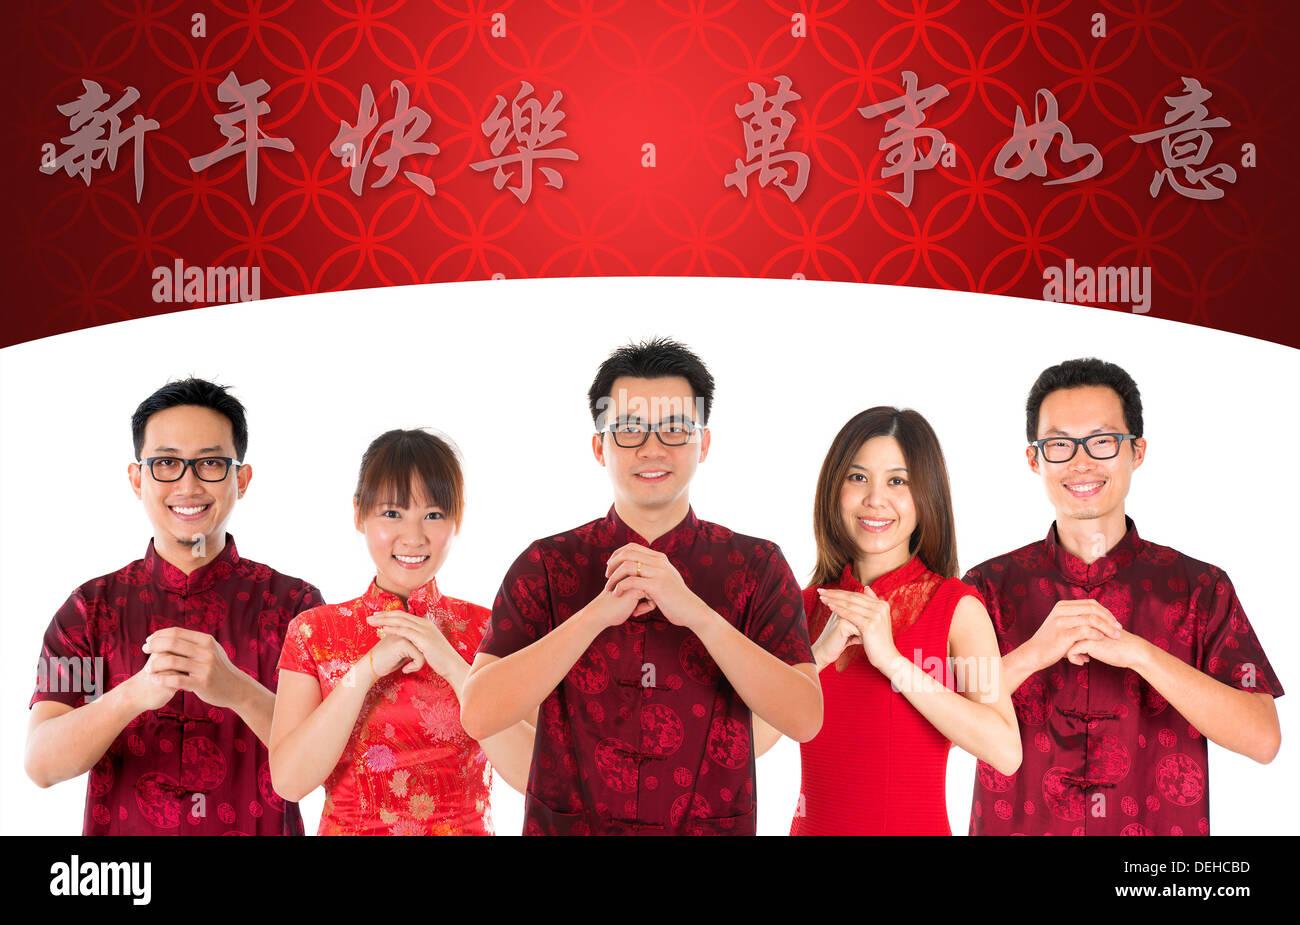 Gruppe von Chinesen Gruß, Chinesisches Neujahr-Konzept, isoliert auf ...